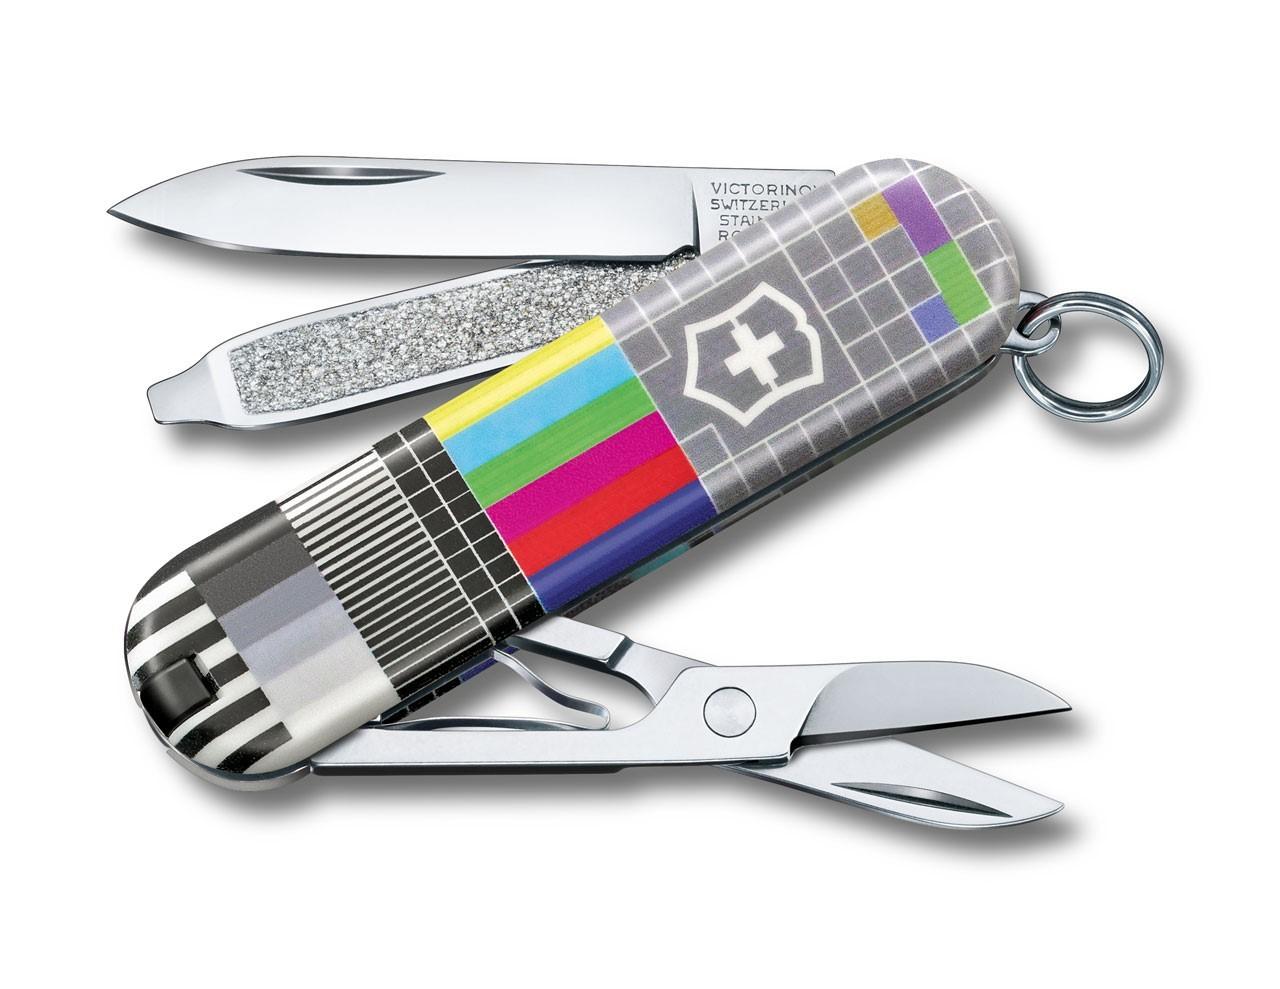 0.6223.L2104 Classic Retro TV   купить в интернет-магазине Wenger-Victorinox.Ru